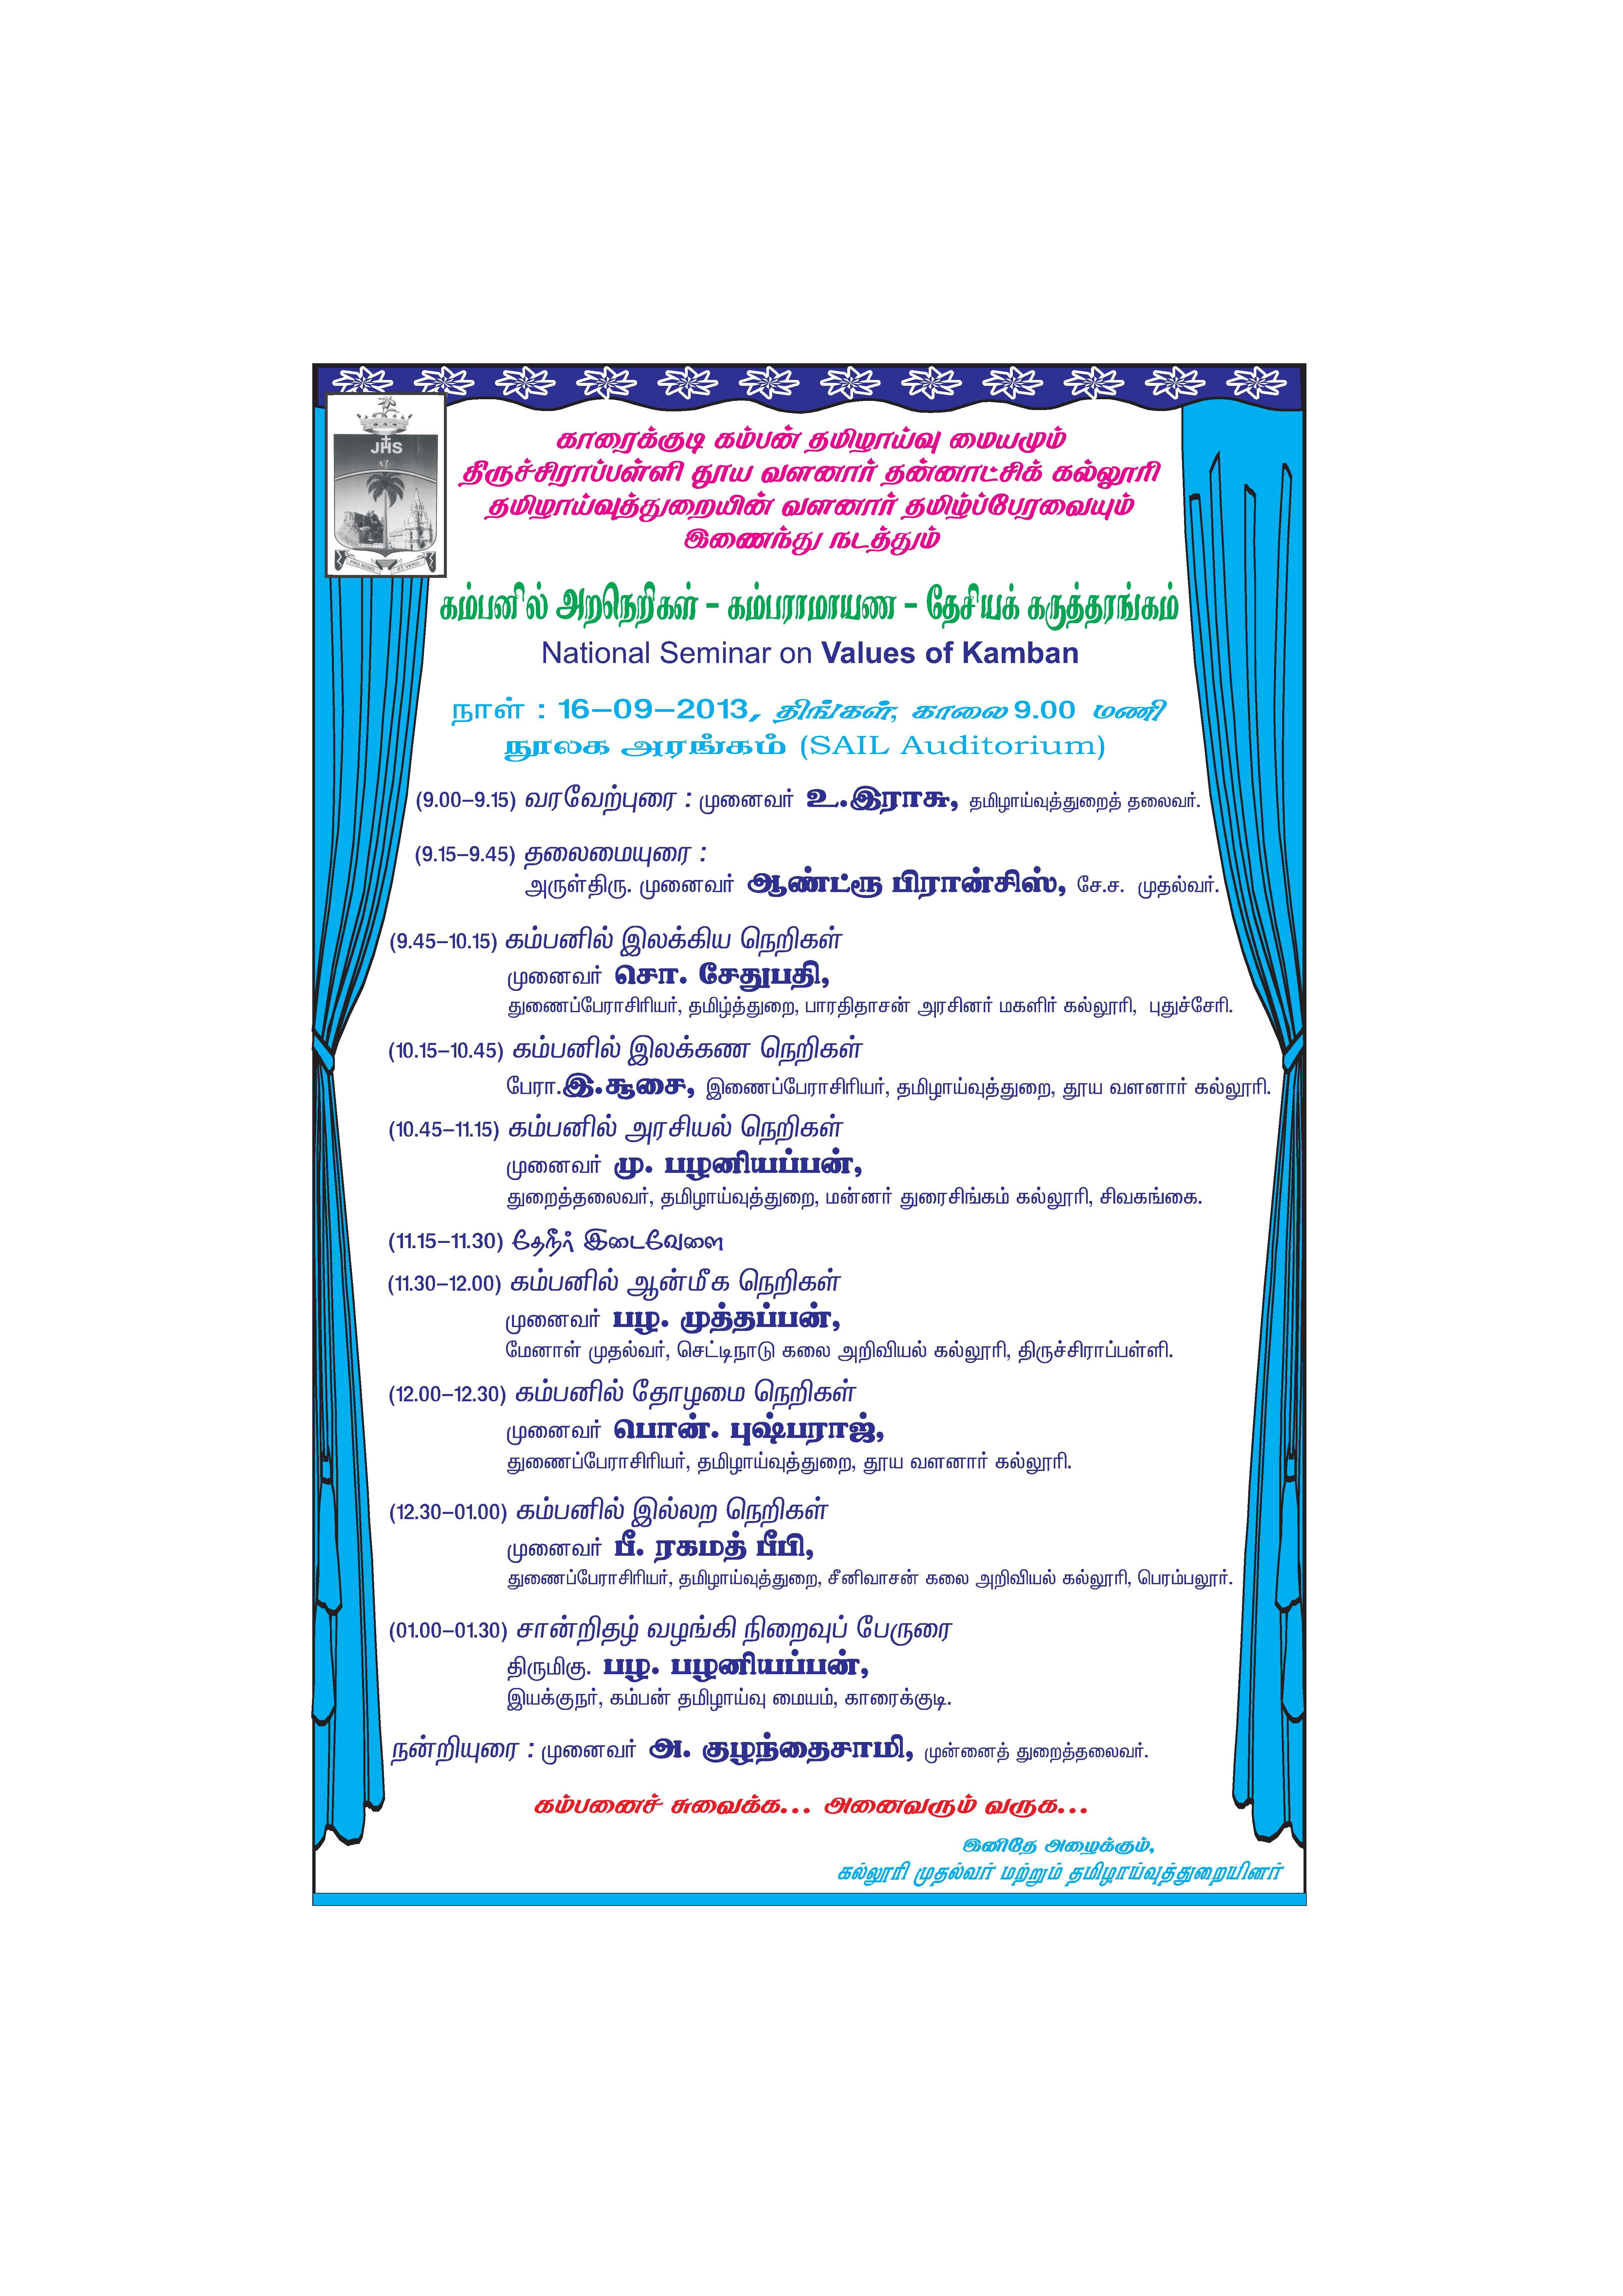 கம்பராமாயணக் கருத்தரங்கம்